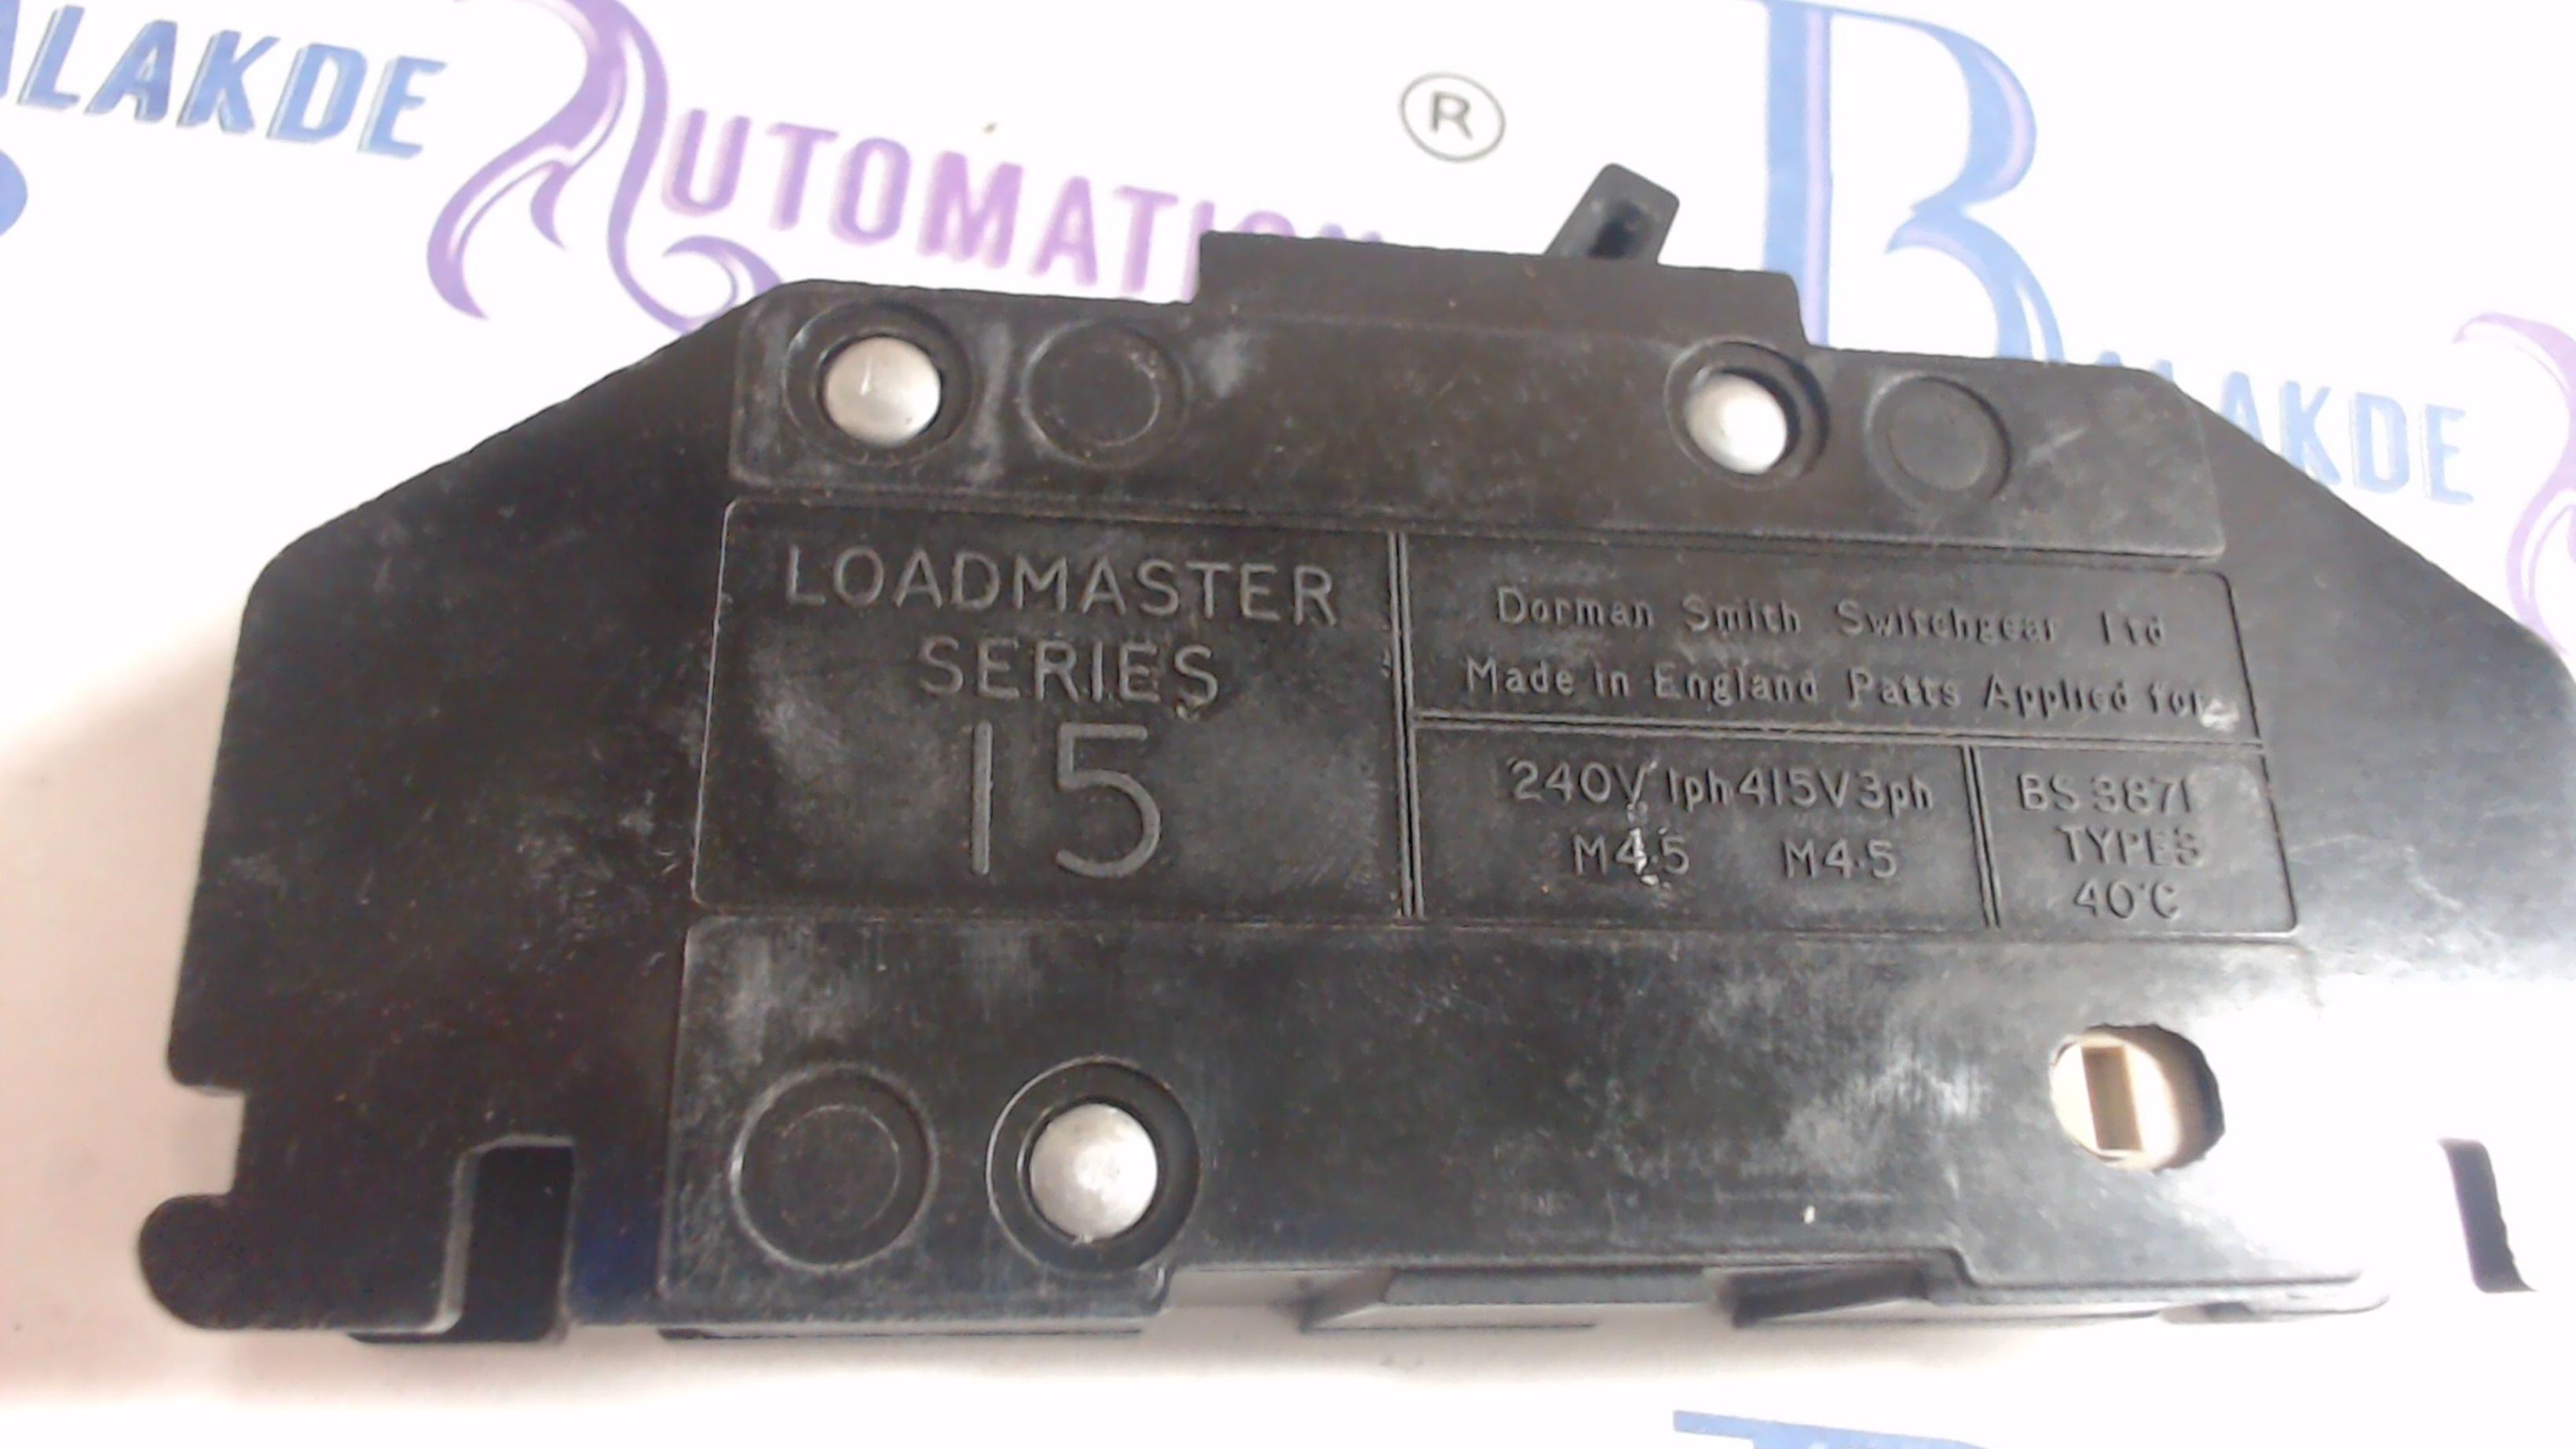 Dorman Smith Loadmaster Series 15 MCB 32A M4.5